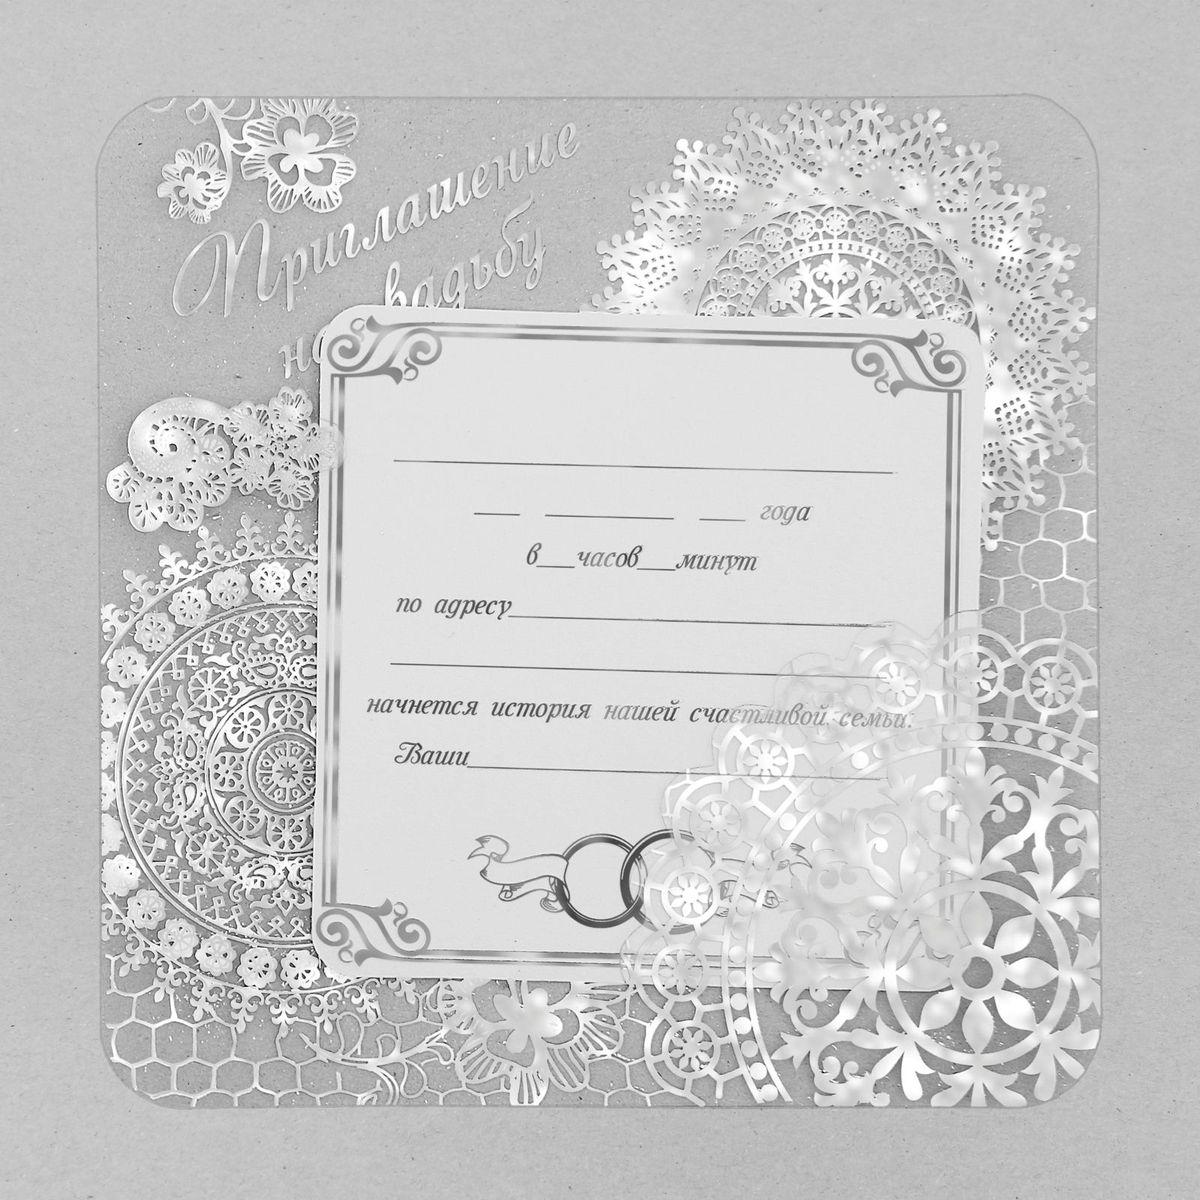 Приглашение на свадьбу Sima-land Прекрасен миг семьи рожденья..., 12 х 12 см161206Свадьба - одно из главных событий в жизни каждого человека. Для идеального торжества необходимо продумать каждую мелочь. Родным и близким будет приятно получить индивидуальную красивую открытку с эксклюзивным дизайном.